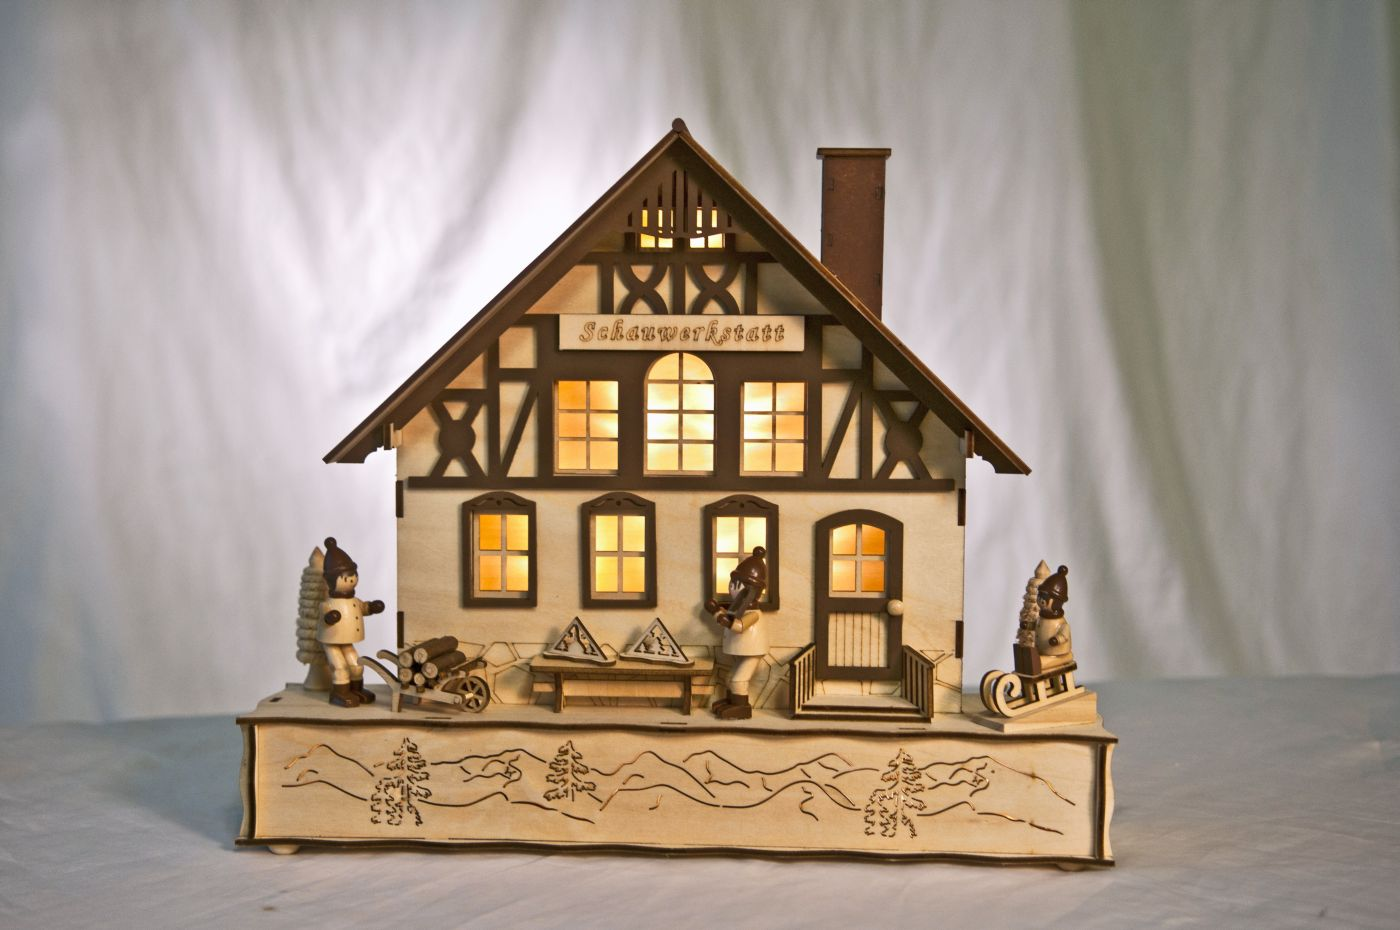 lichterhaus schauwerkstatt led beleuchtung leuchthaus holz weihnachtshaus ebay. Black Bedroom Furniture Sets. Home Design Ideas